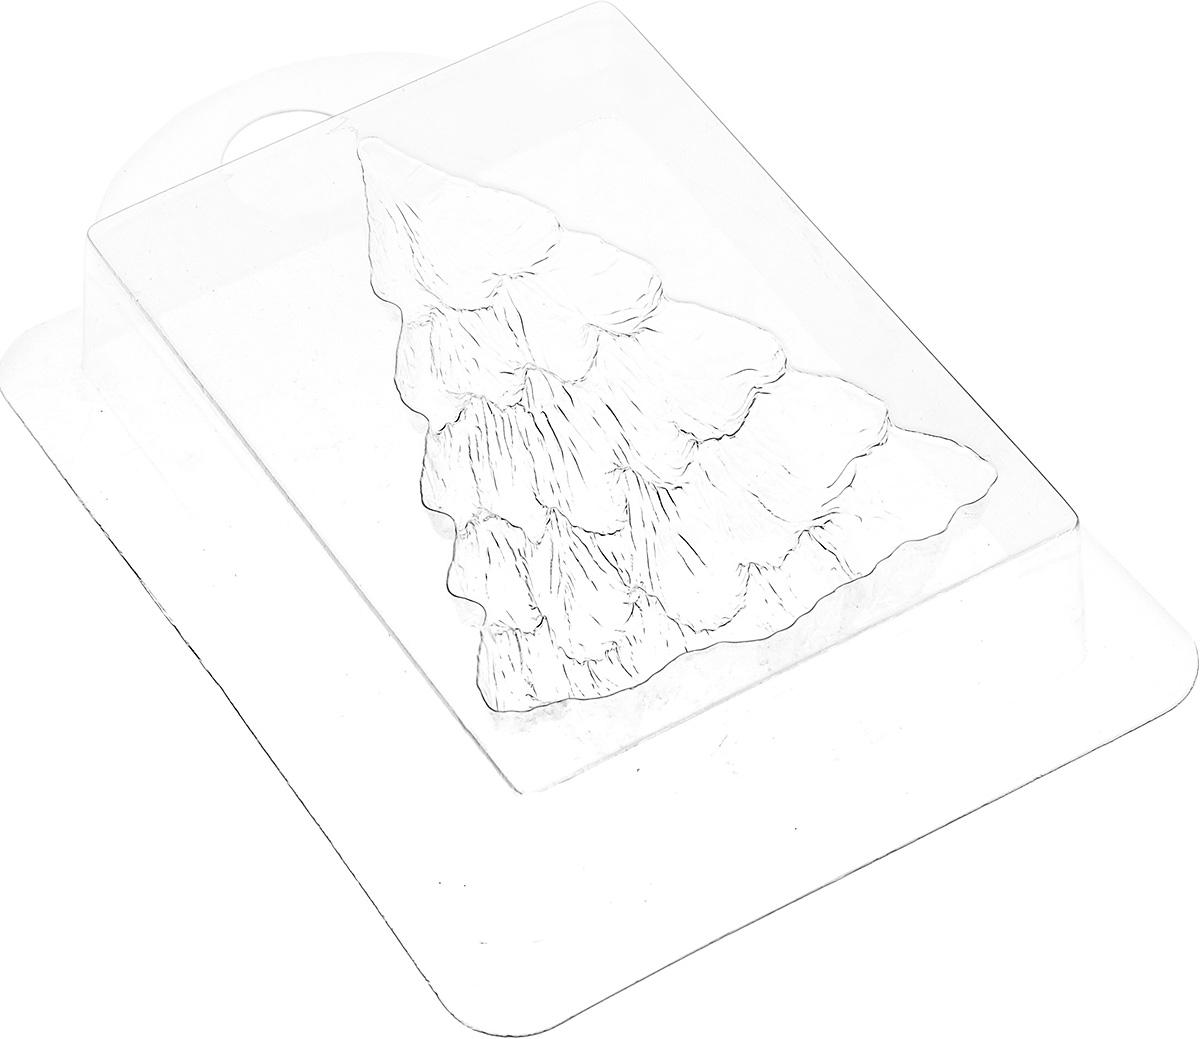 Форма для литья Выдумщики Ель пушистая, 16 х 10,8 х 3 см2700770022179Форма для литья Выдумщики Ель пушистая изготовлена из прозрачного пластика. Изготовленное в такой форме мыло получит забавный, оригинальный дизайн. При помощи такой прозрачной формы для литья можно самостоятельно изготовить домашнее мыло, шоколад или оригинальную свечу для украшения праздничного стола и интерьера. Размер готового мыла: 10 см х 7 см х 2,5 см. Вес готового мыла, выполненного из мыльной основы: 90 г.